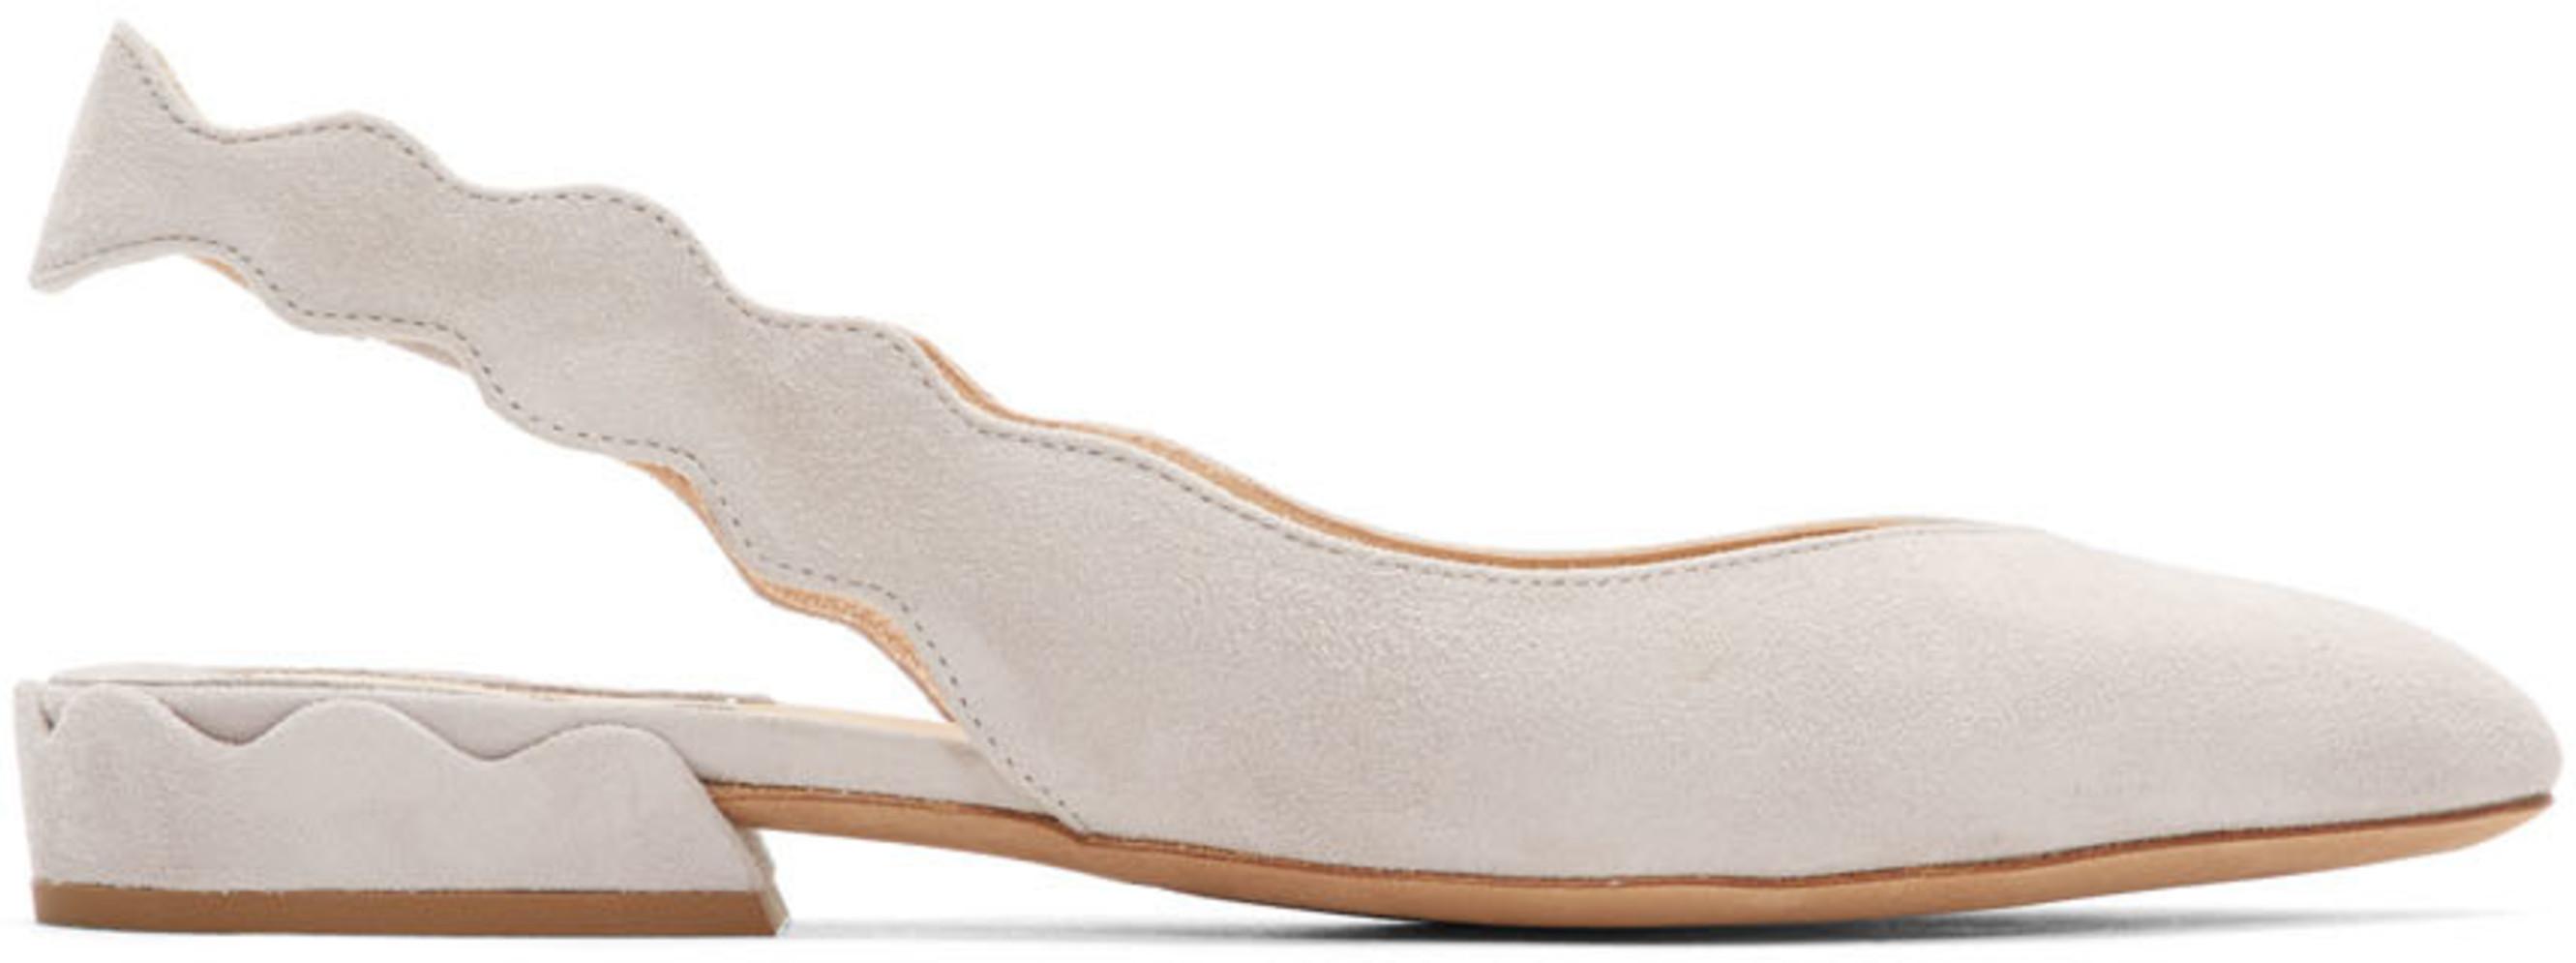 299f3d8af Chloé shoes for Women   SSENSE